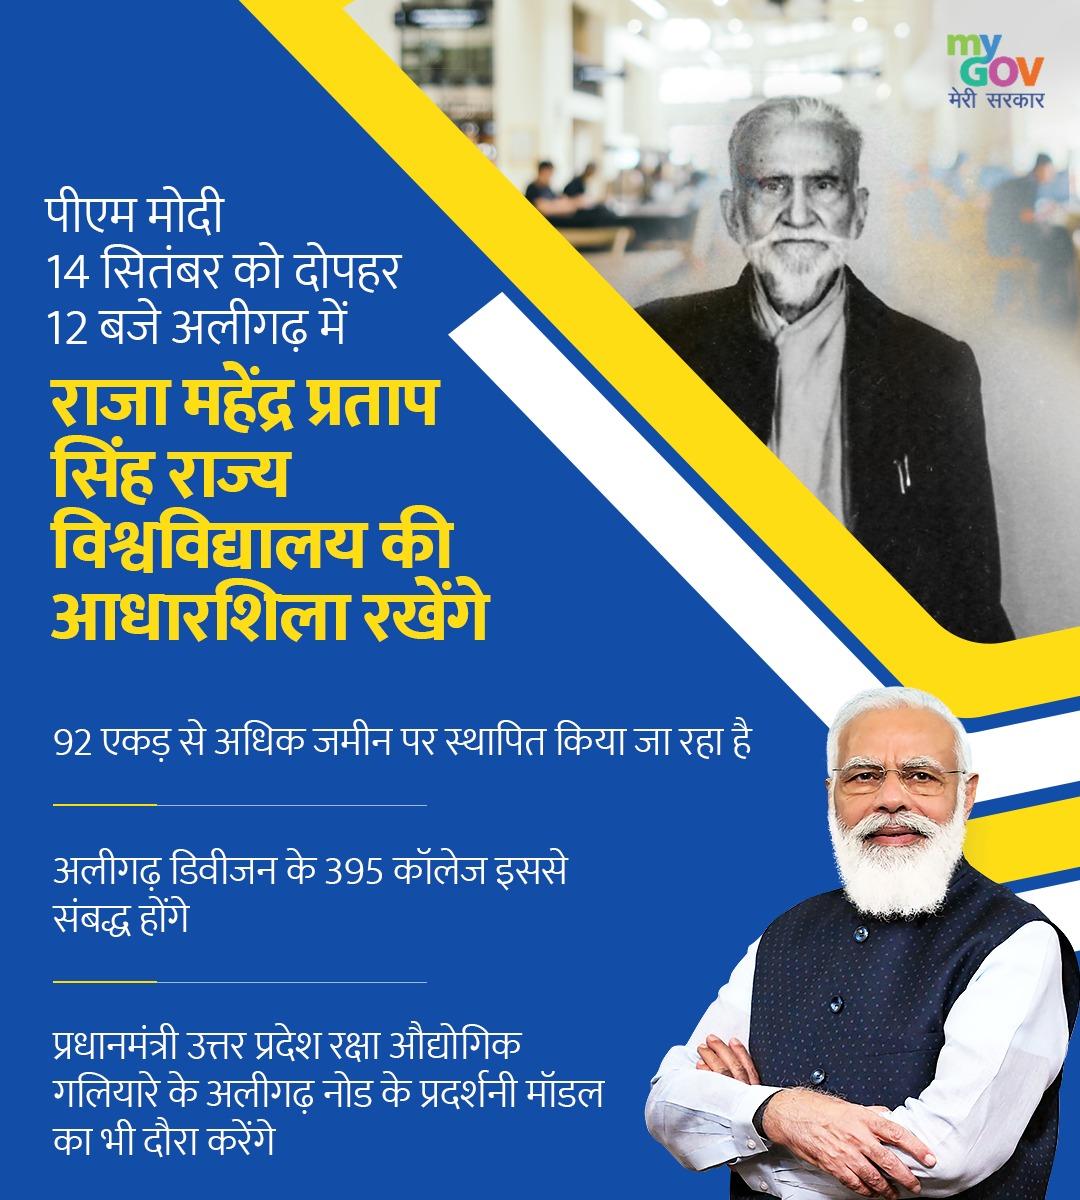 """MyGovIndia on Twitter: """"माननीय प्रधानमंत्री श्री @narendramodi आज दोपहर 12  बजे उत्तर प्रदेश के अलीगढ़ में राजा महेंद्र प्रताप सिंह विश्वविद्यालय की ..."""